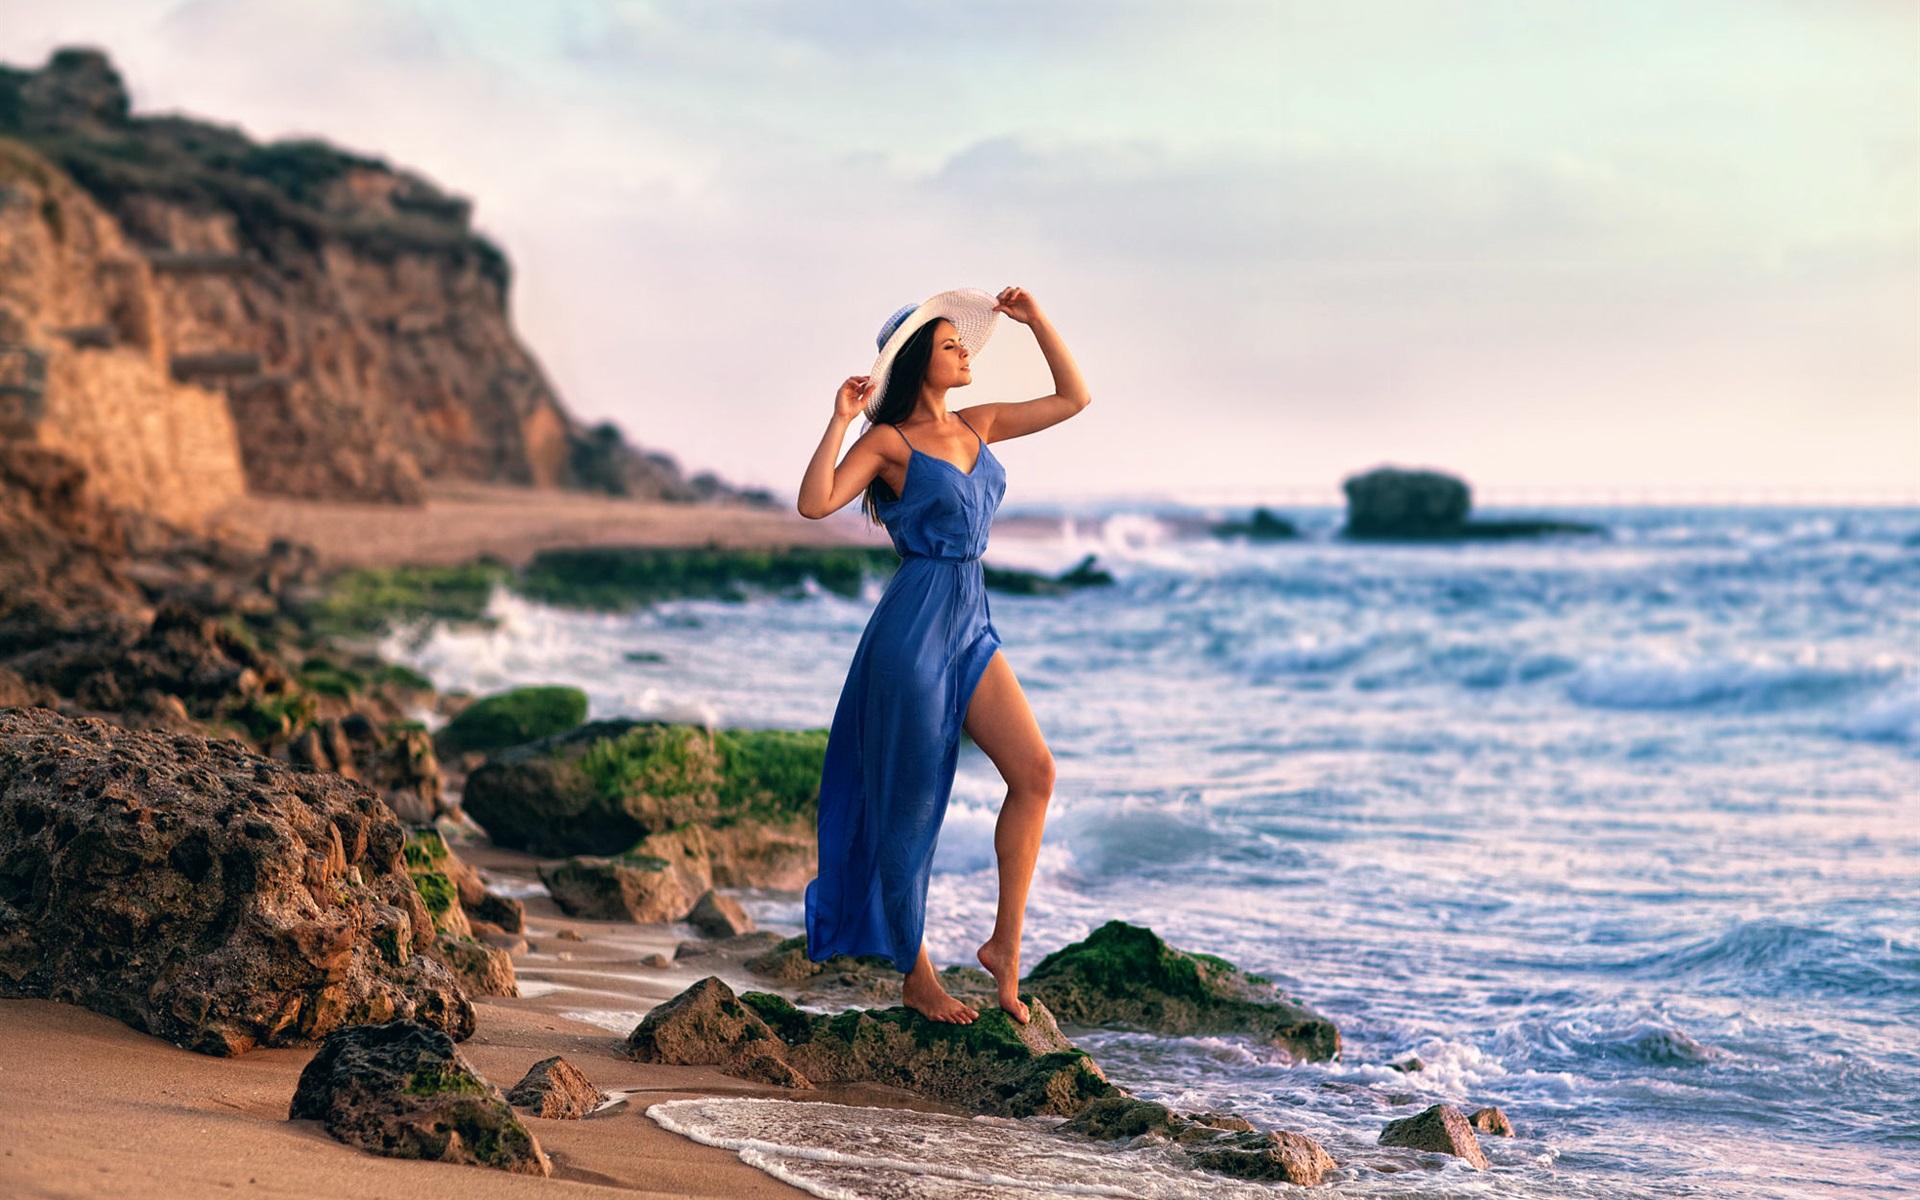 как фотографироваться возле моря любители сажают